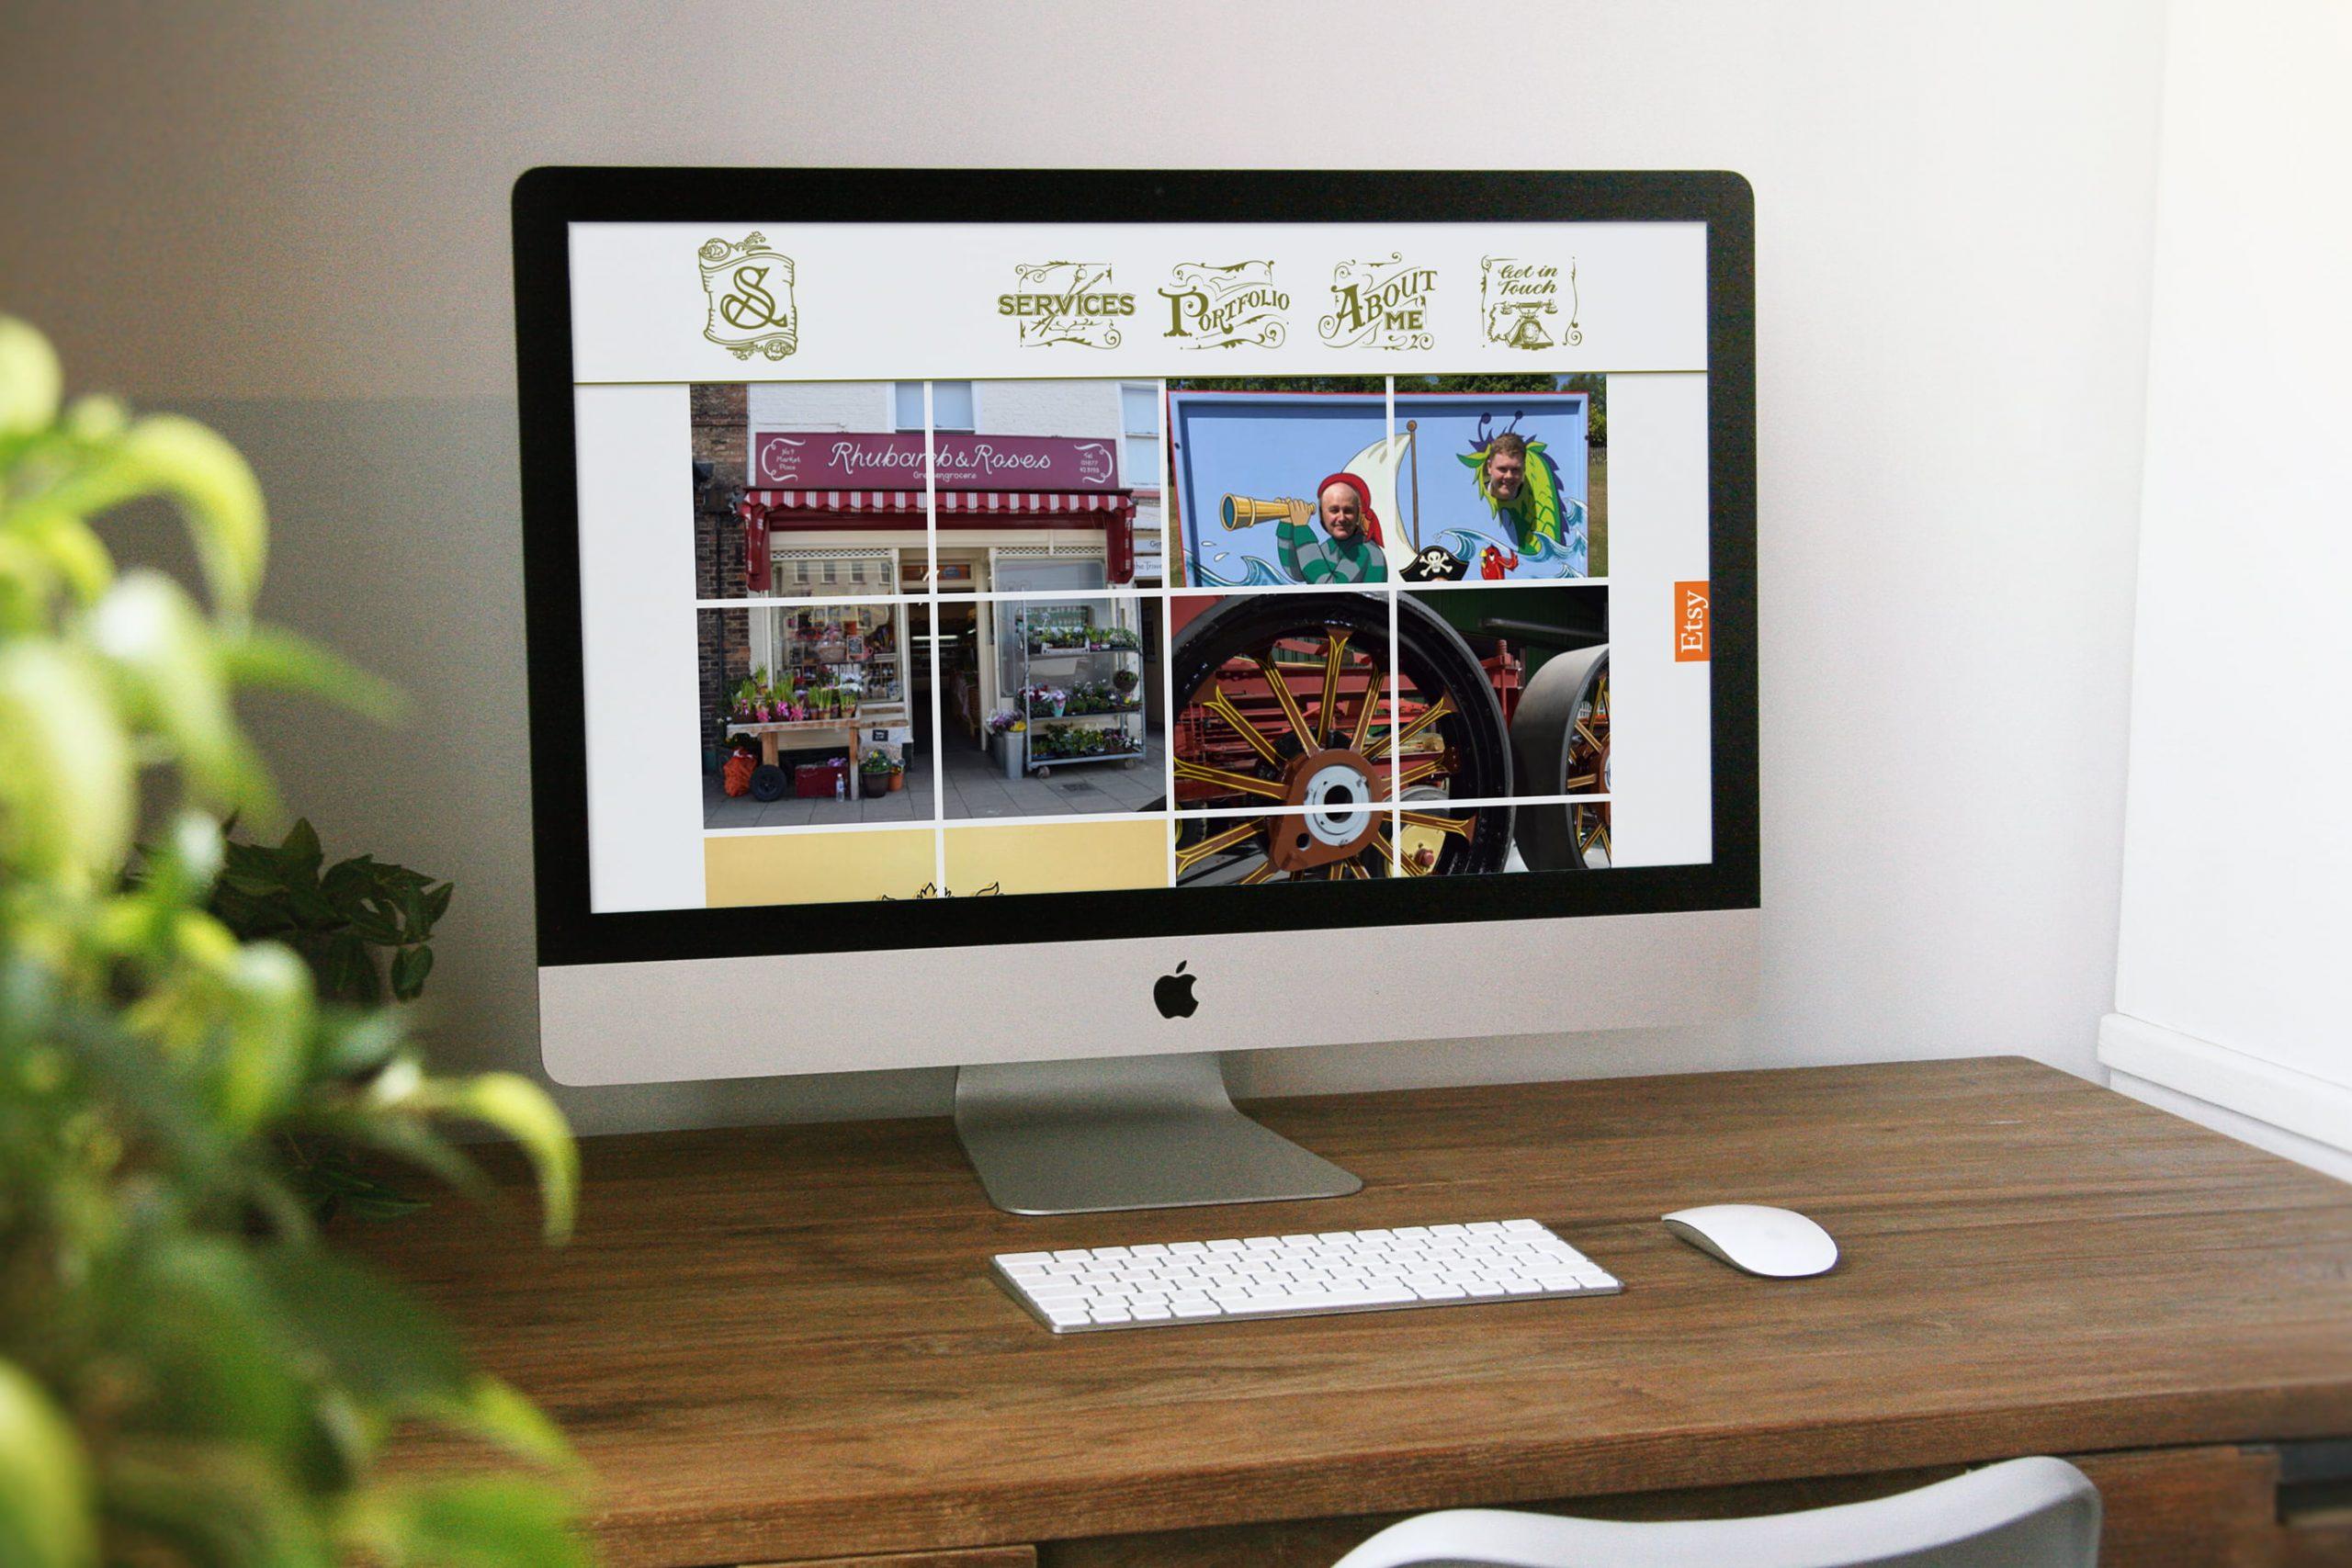 Sarah Jarman website displayed on Mac desktop computer